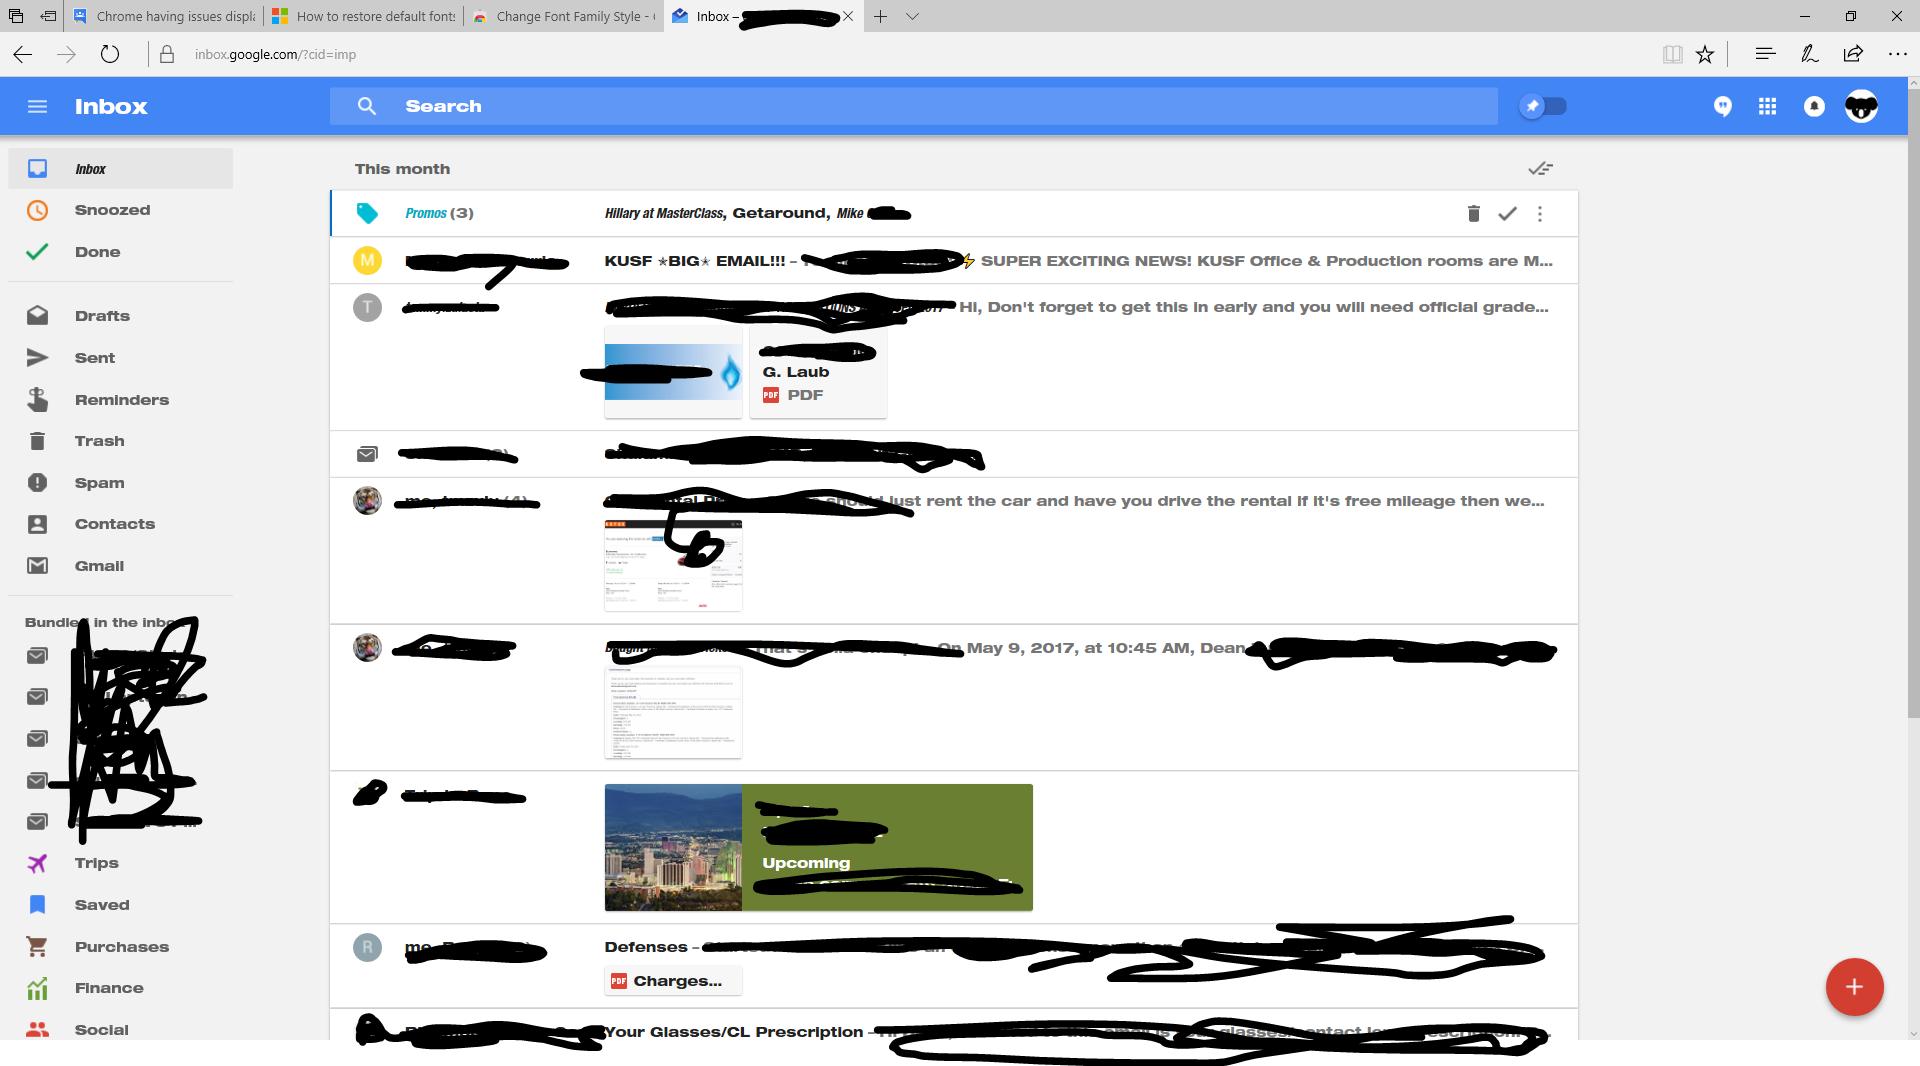 Inbox's displaying Helvetica Neue in Inbox instead of the